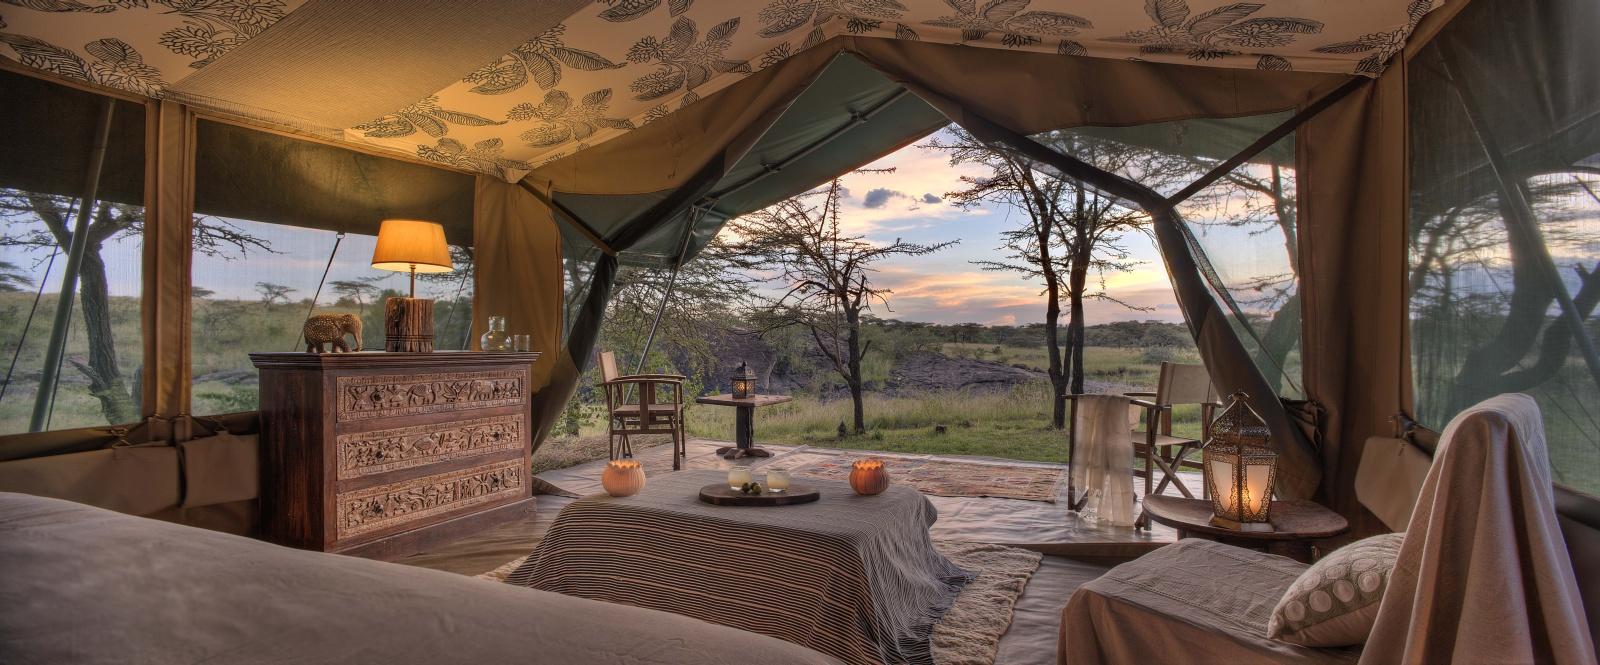 Richard S Camp Masai Mara